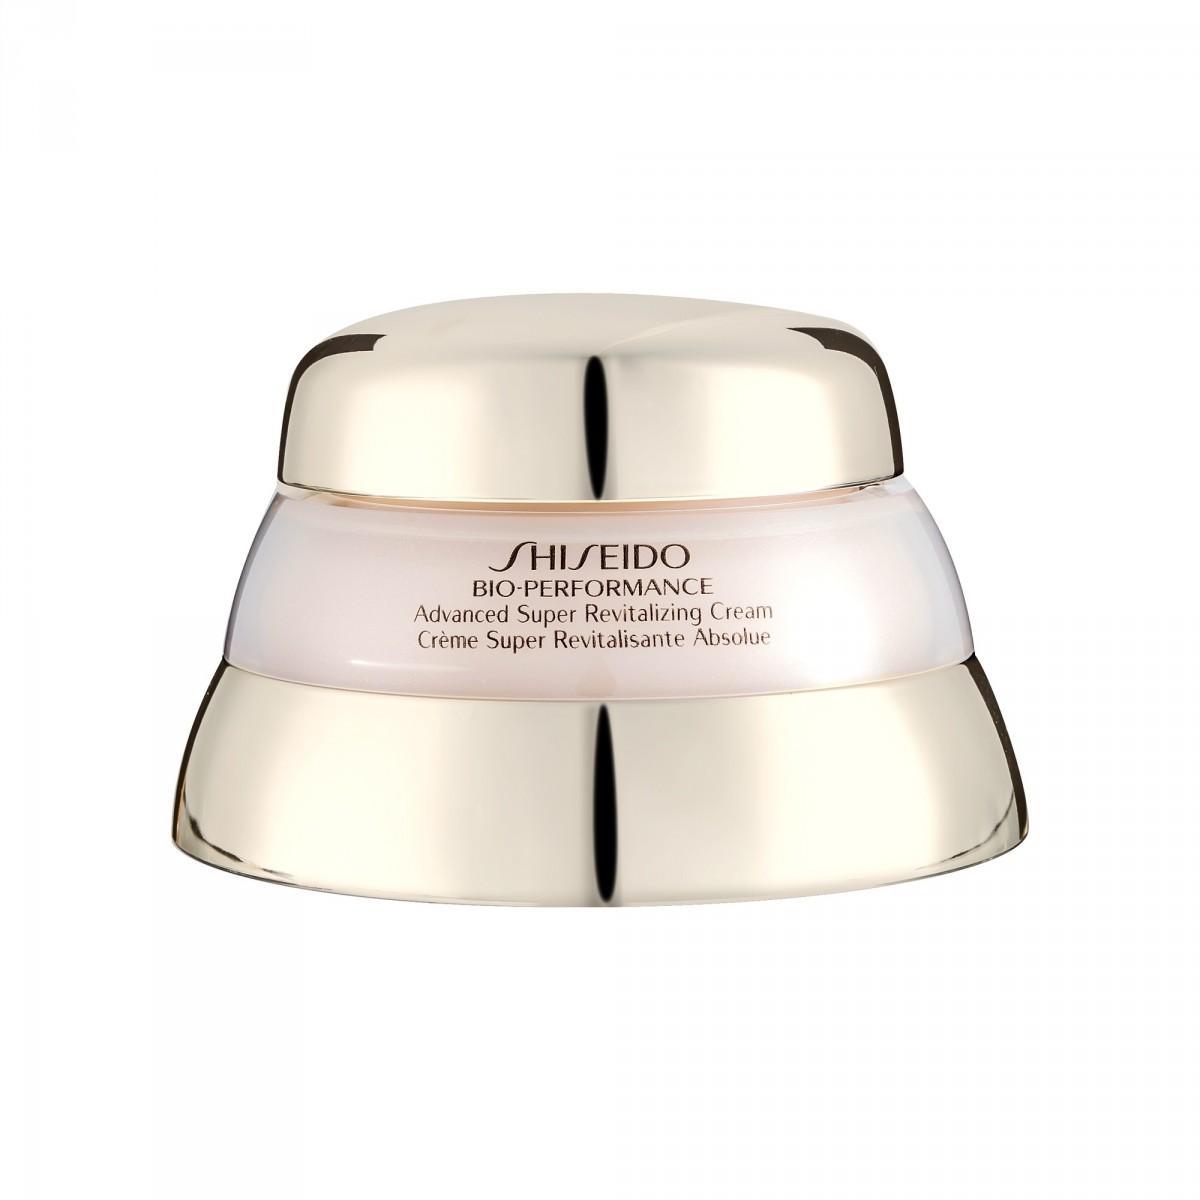 shiseido crème super régénérante intensive